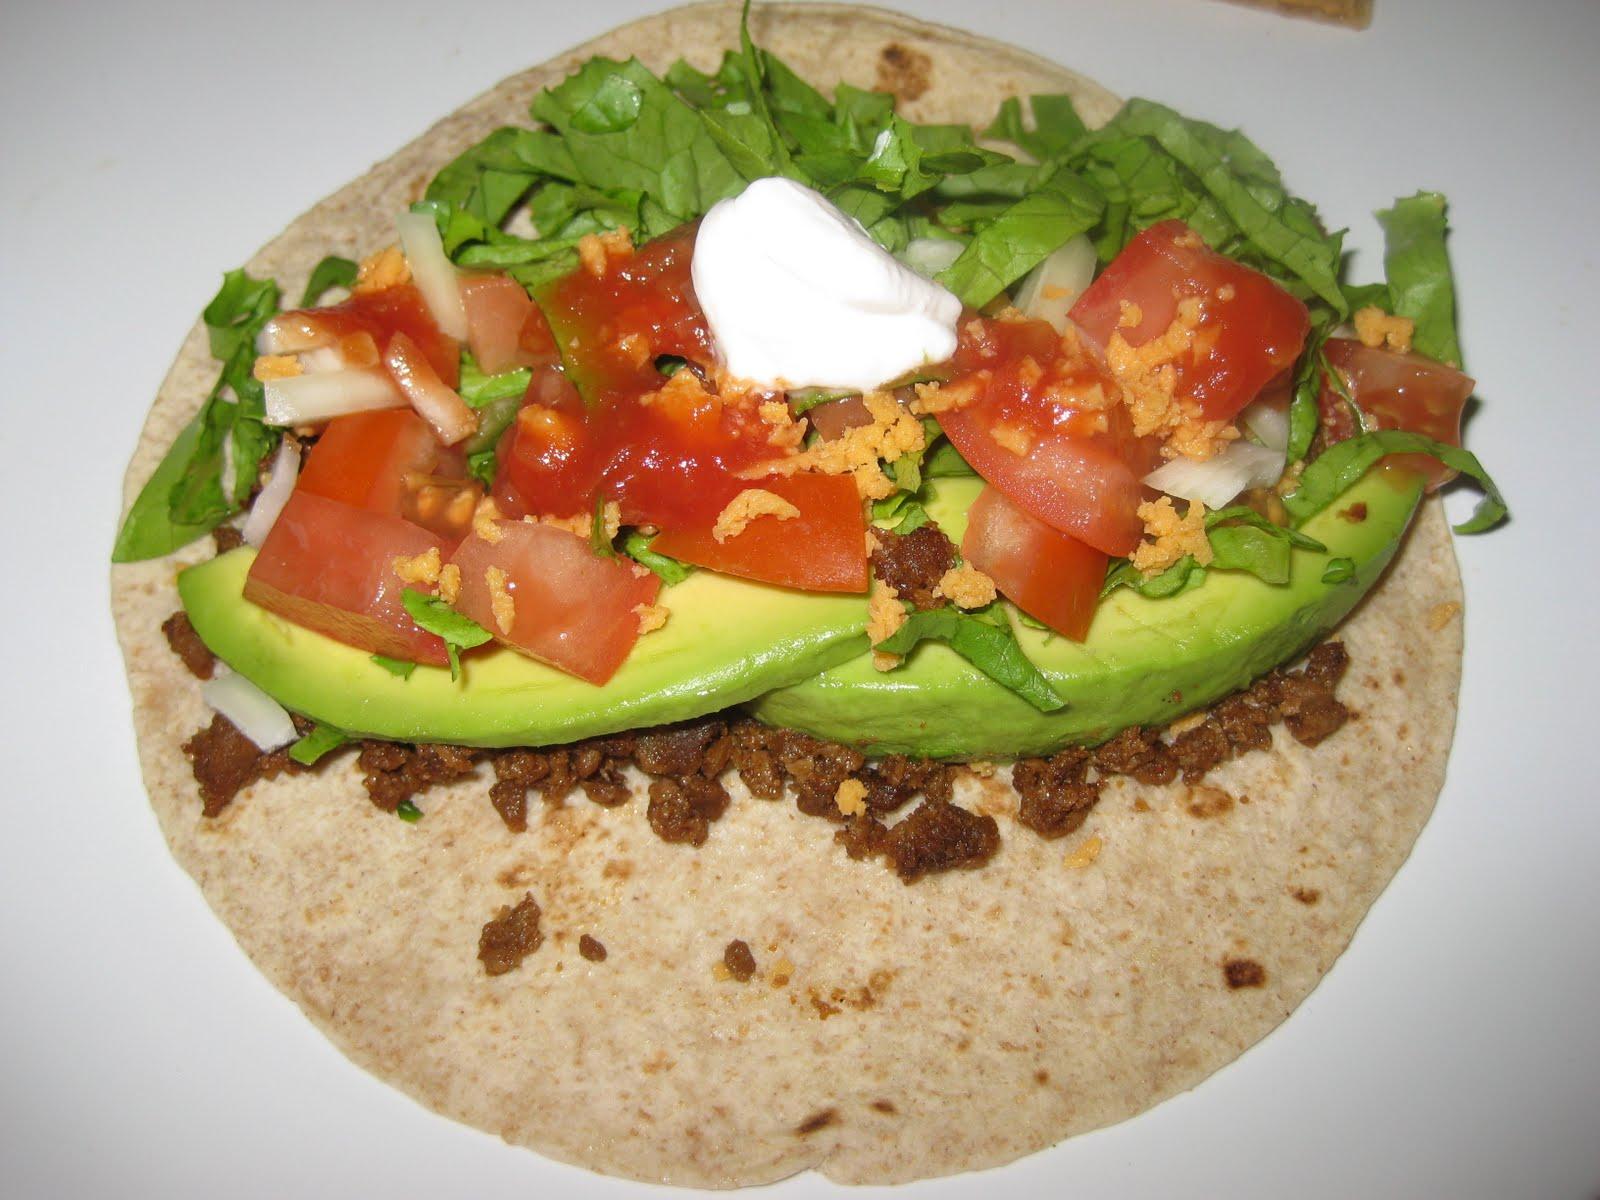 taco vegan enchiladas recipe and so i did raw vegan tacos vegan taco ...